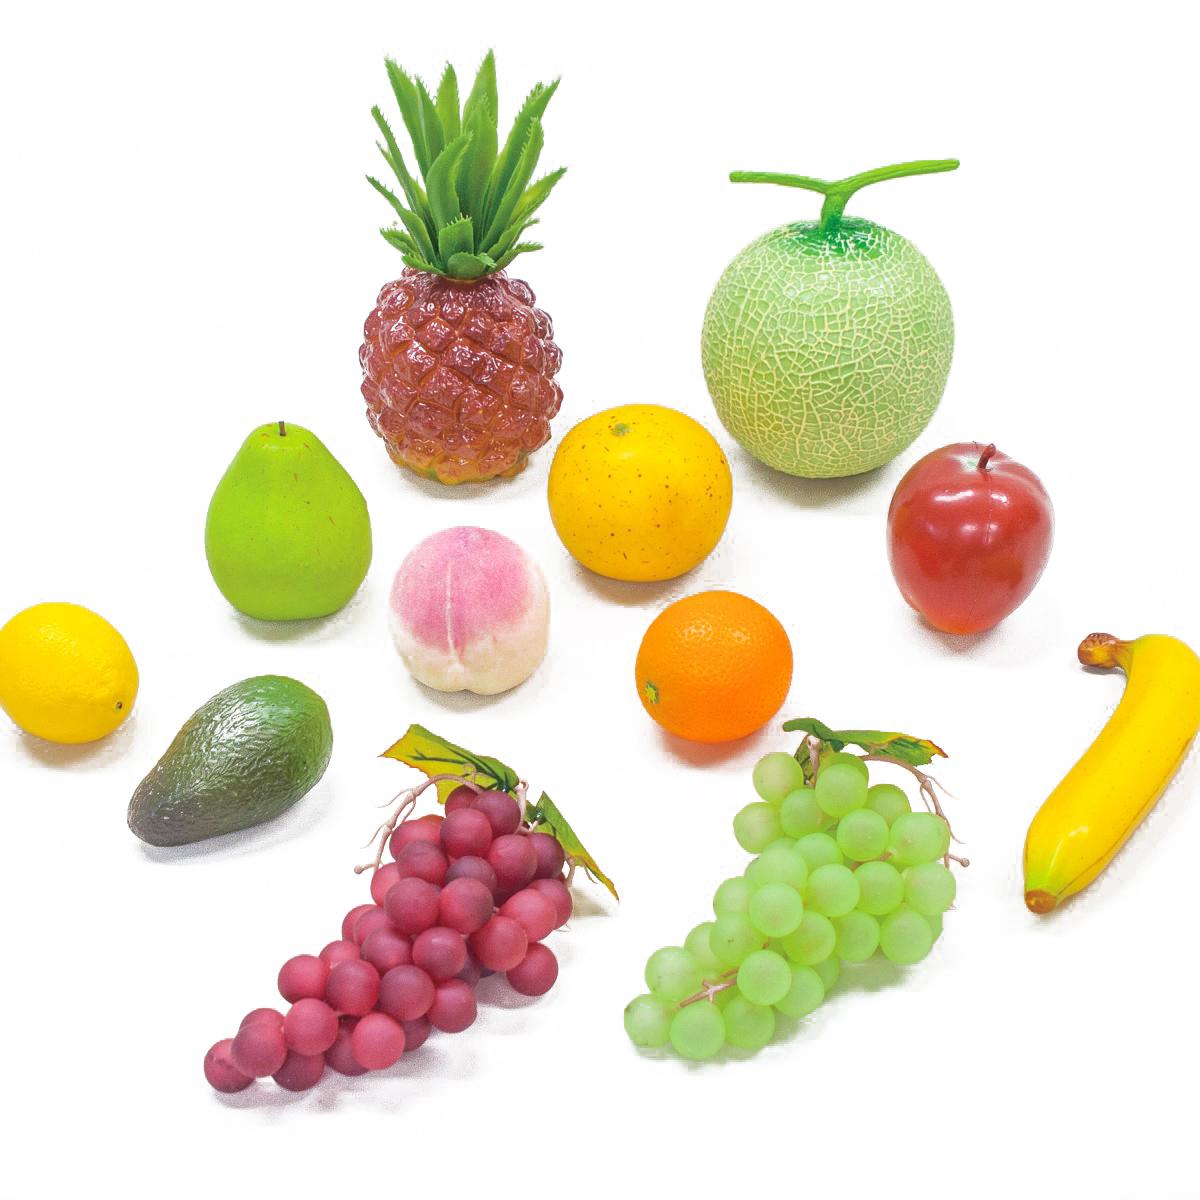 果物モデル 12種セット 【 デッサン スケッチ 絵画 モデル 果物 野菜 】